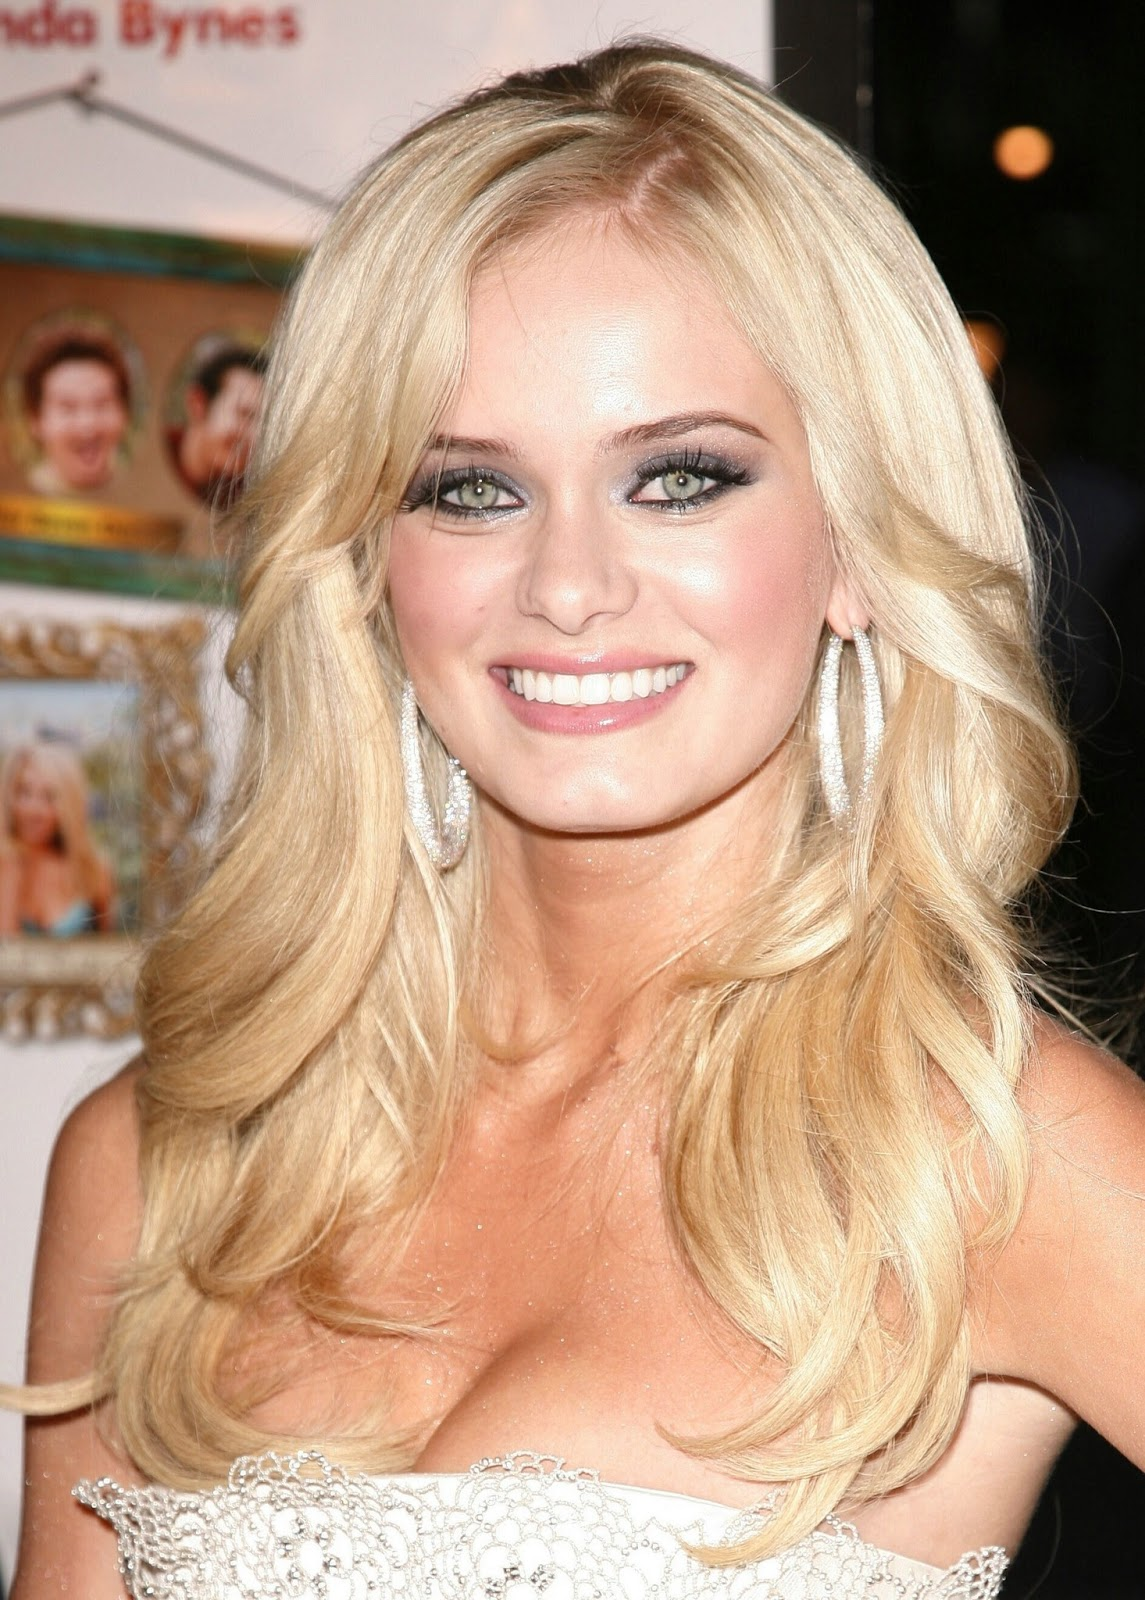 Hollywood Actresses Wallpapers - Hot Wallpapers HD: Sara